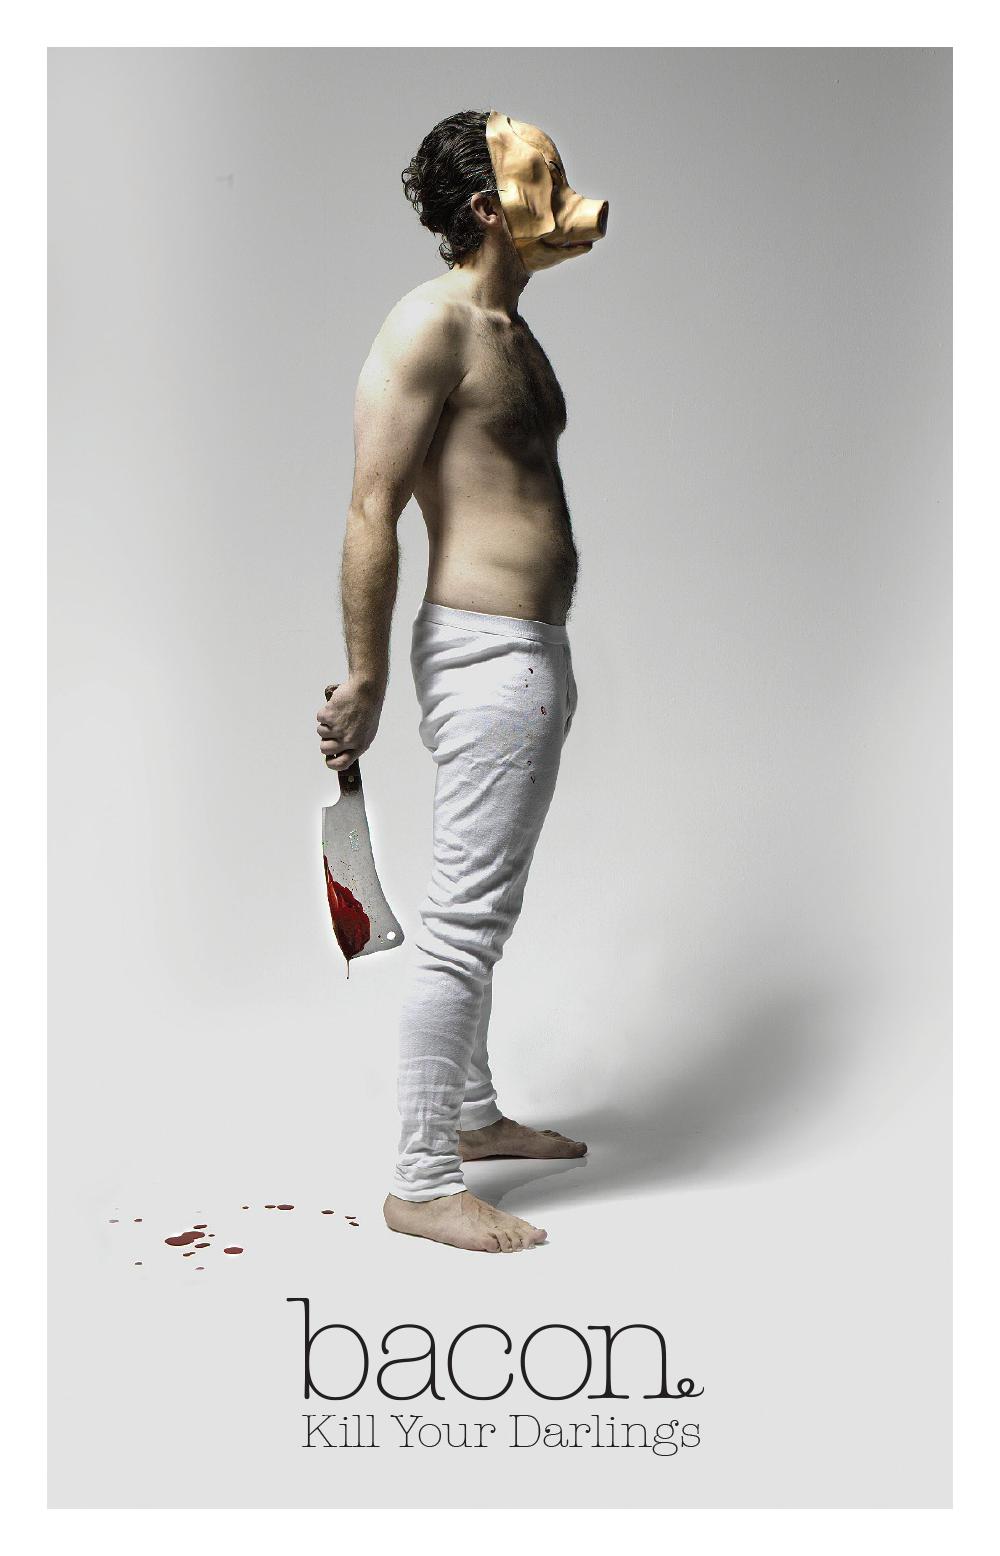 Bacon_Poster_Ny